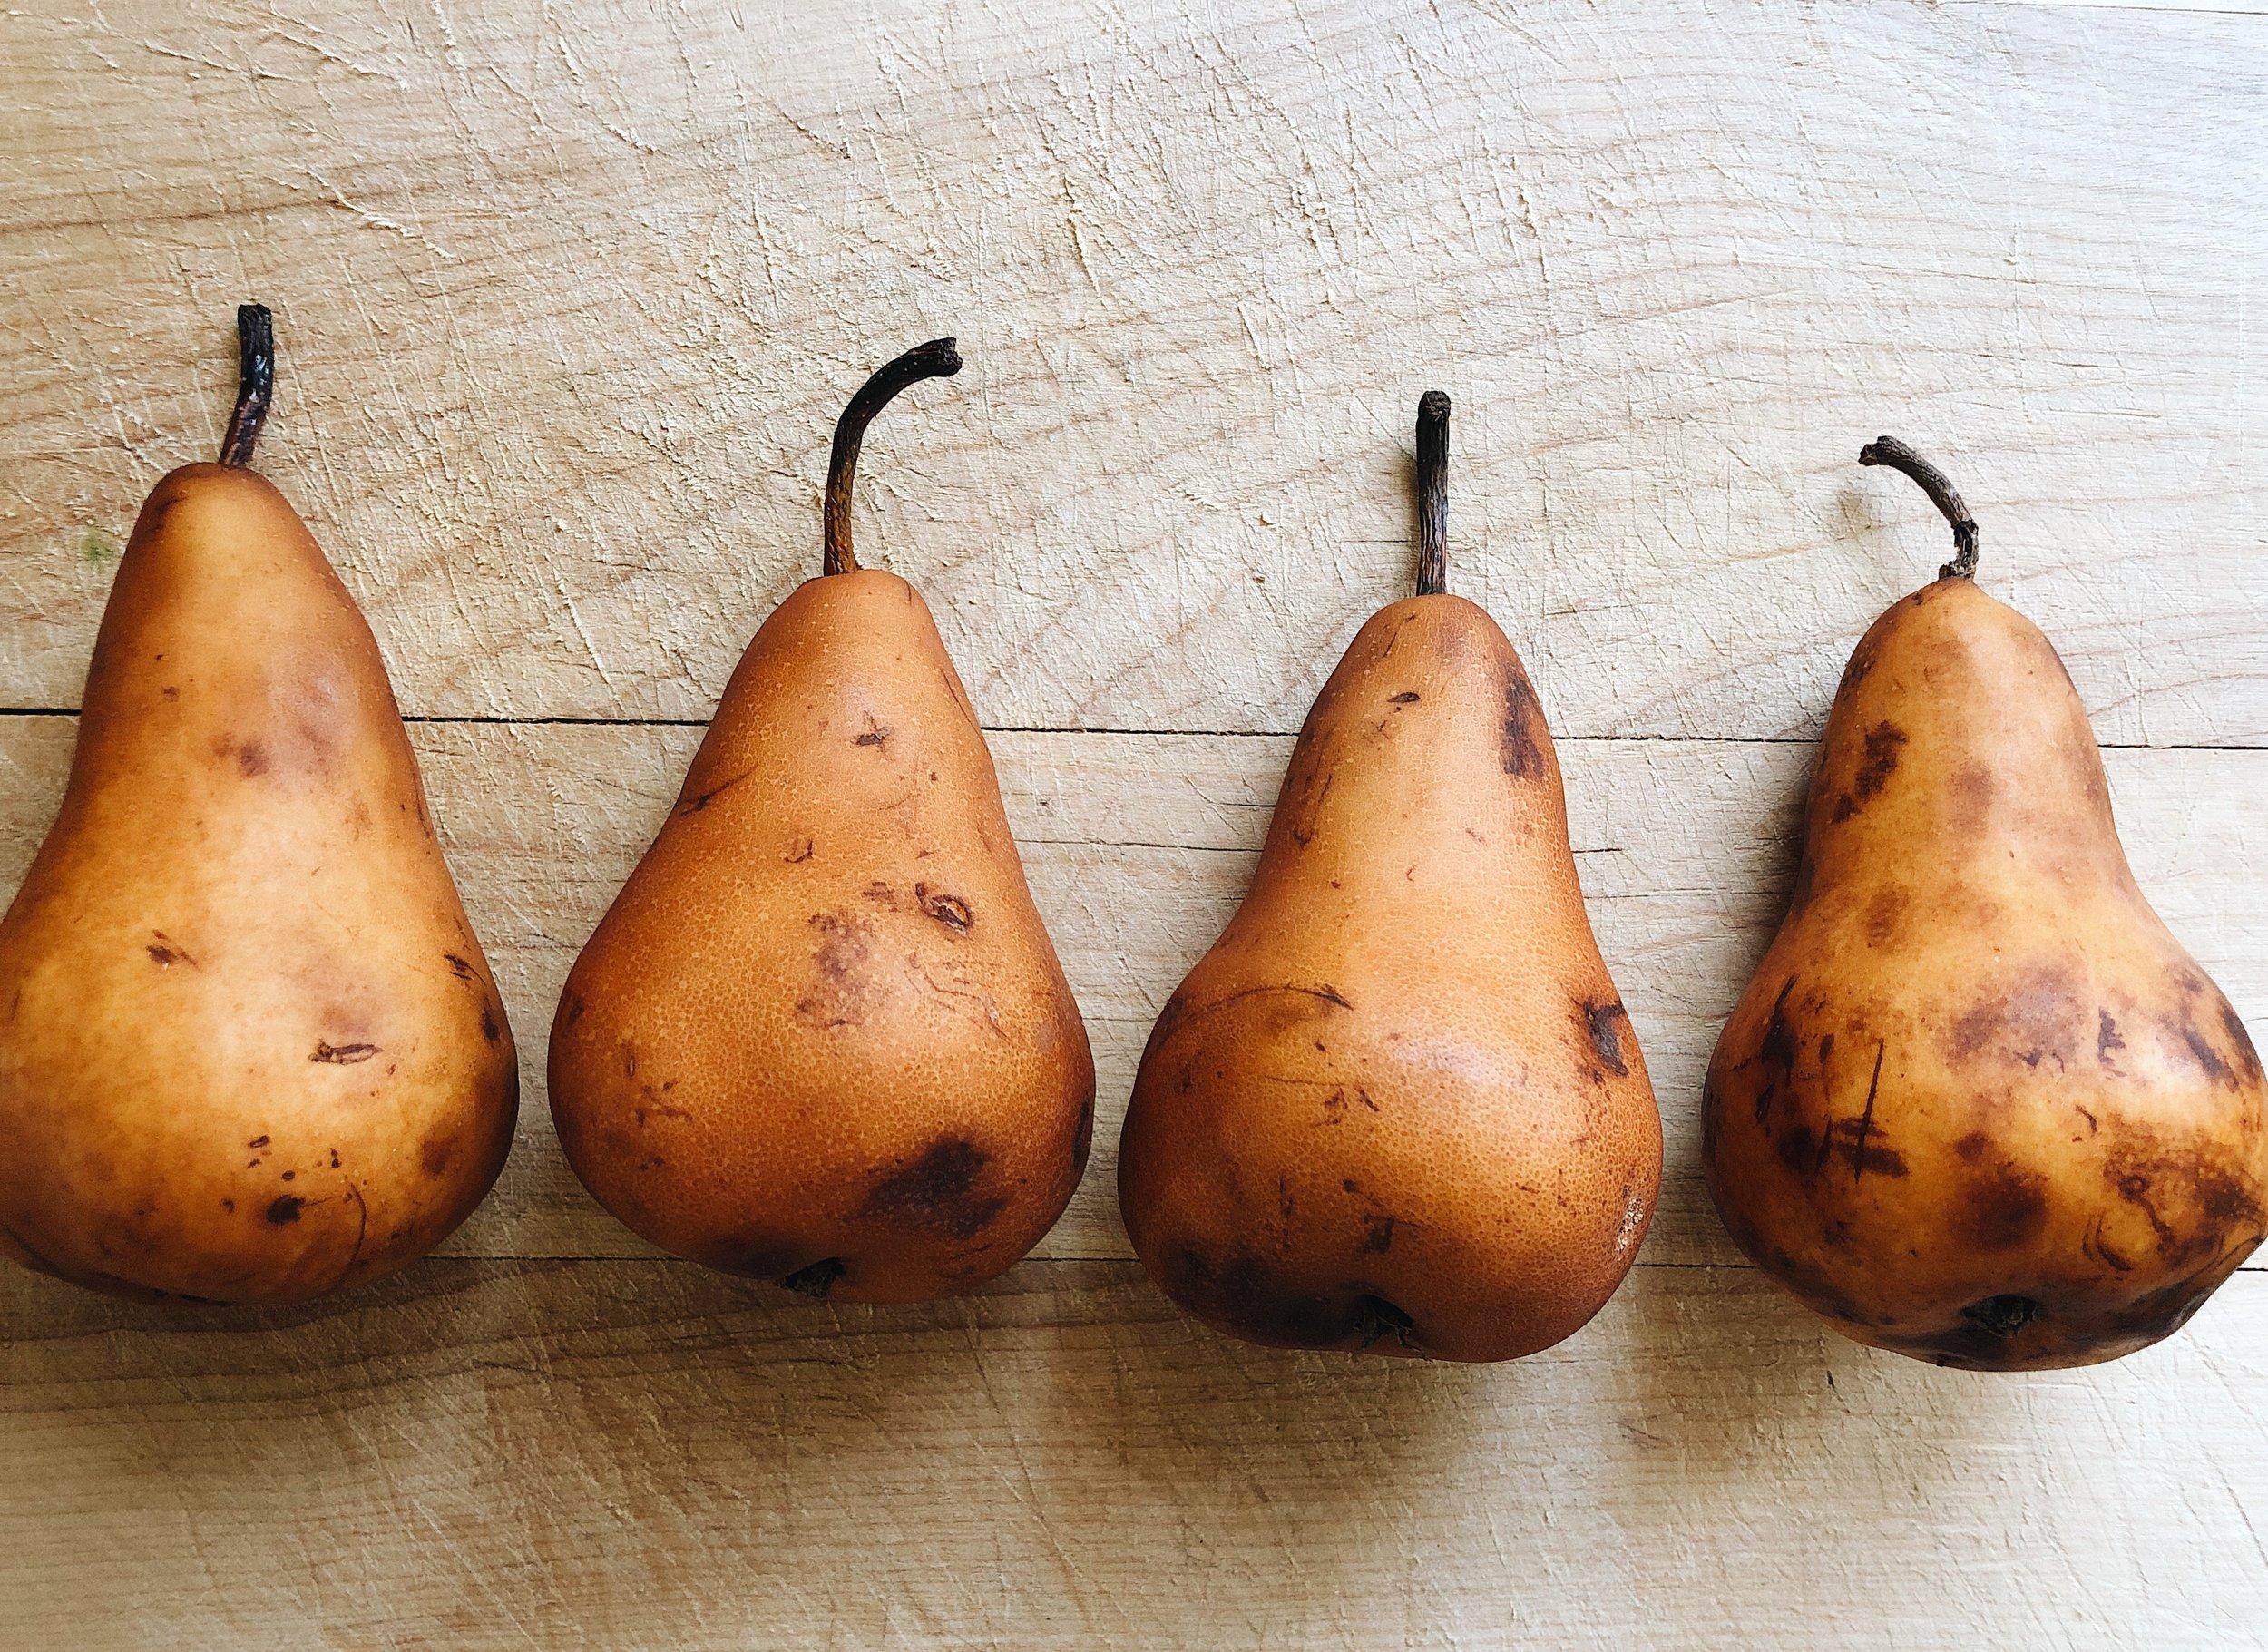 brown pears laying on wood cutting board